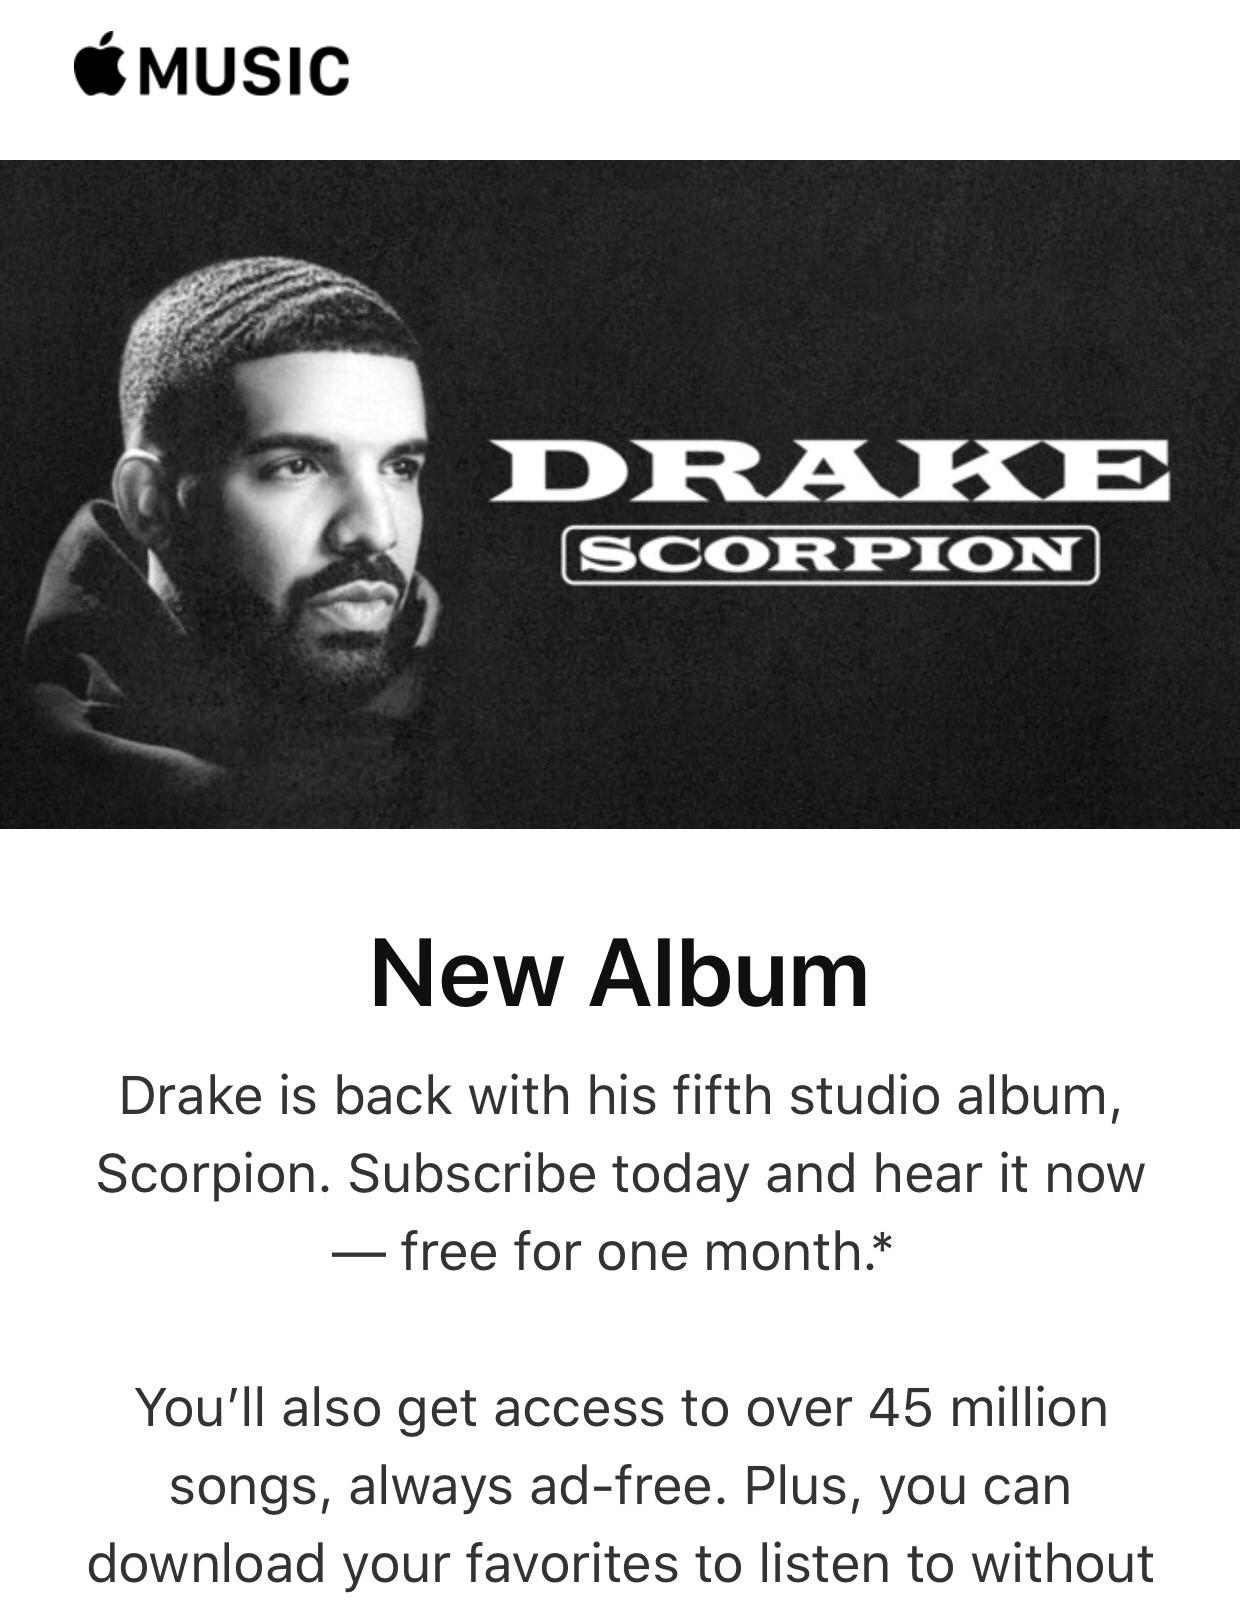 drake scorpion album download free